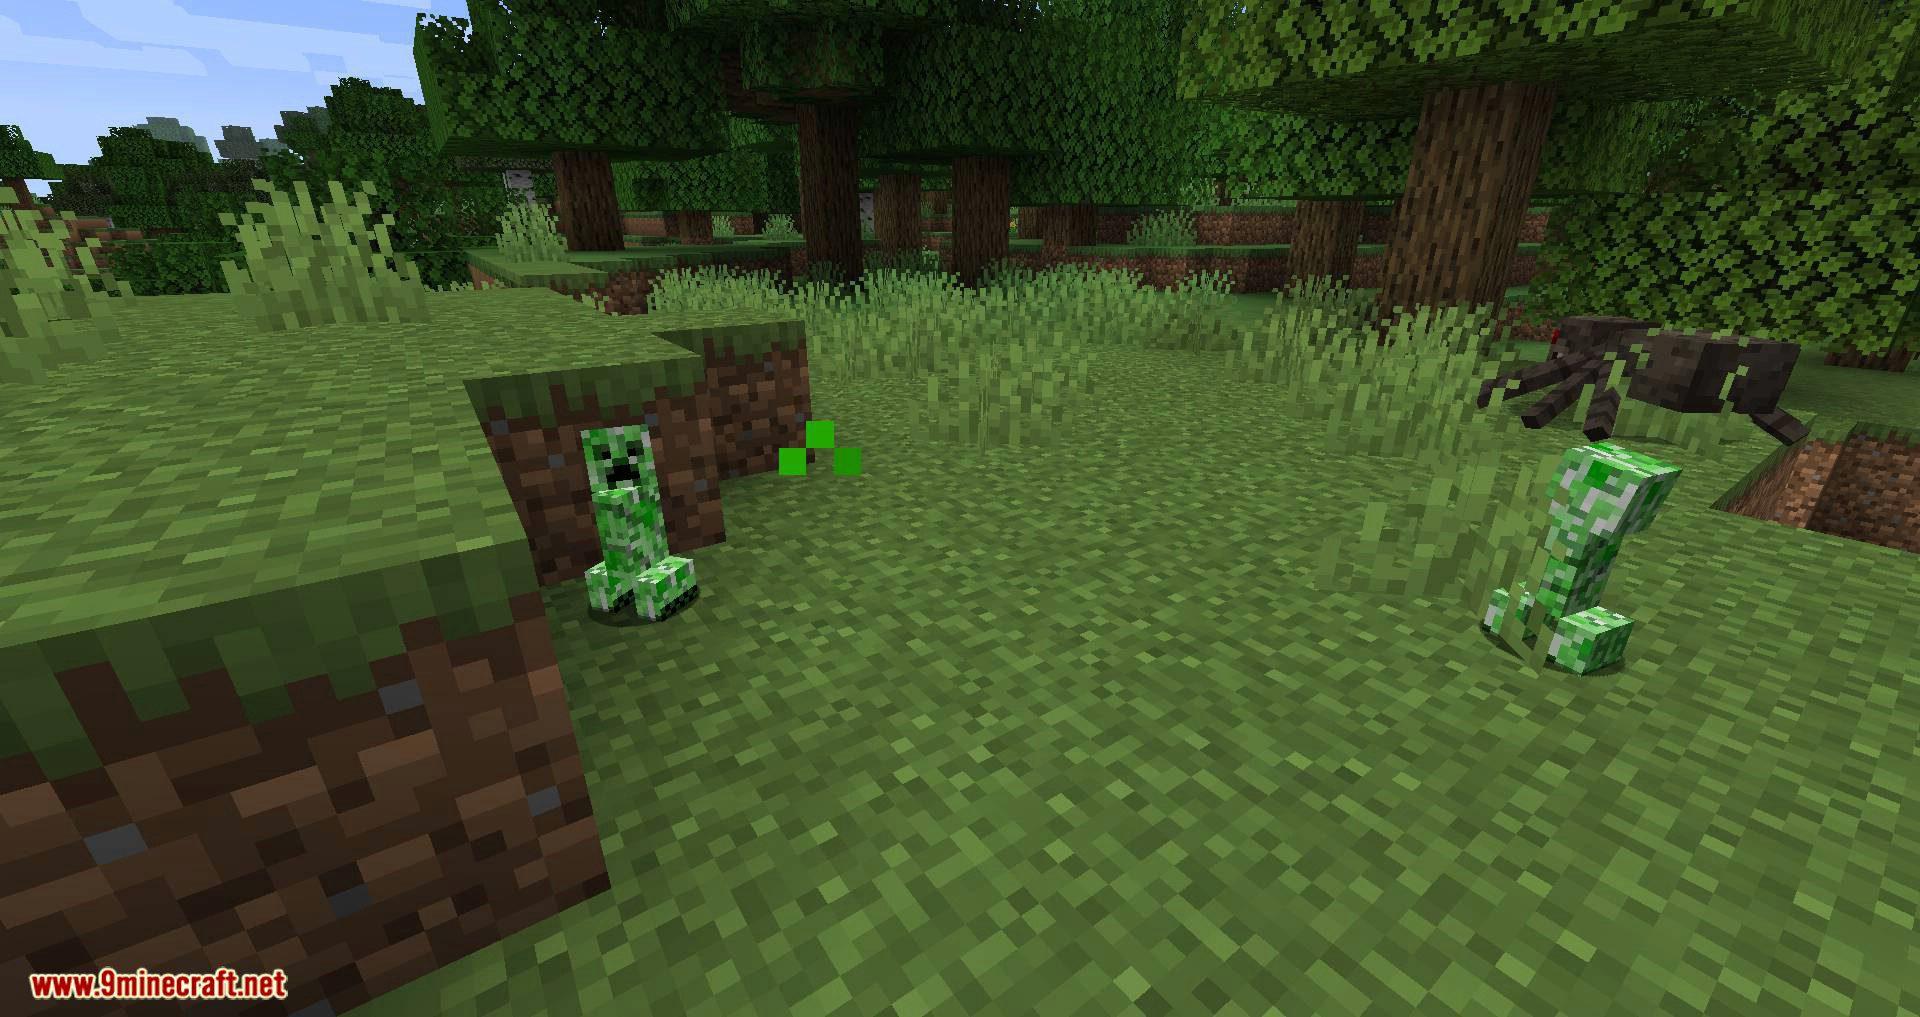 Creeper Spores mod for minecraft 09